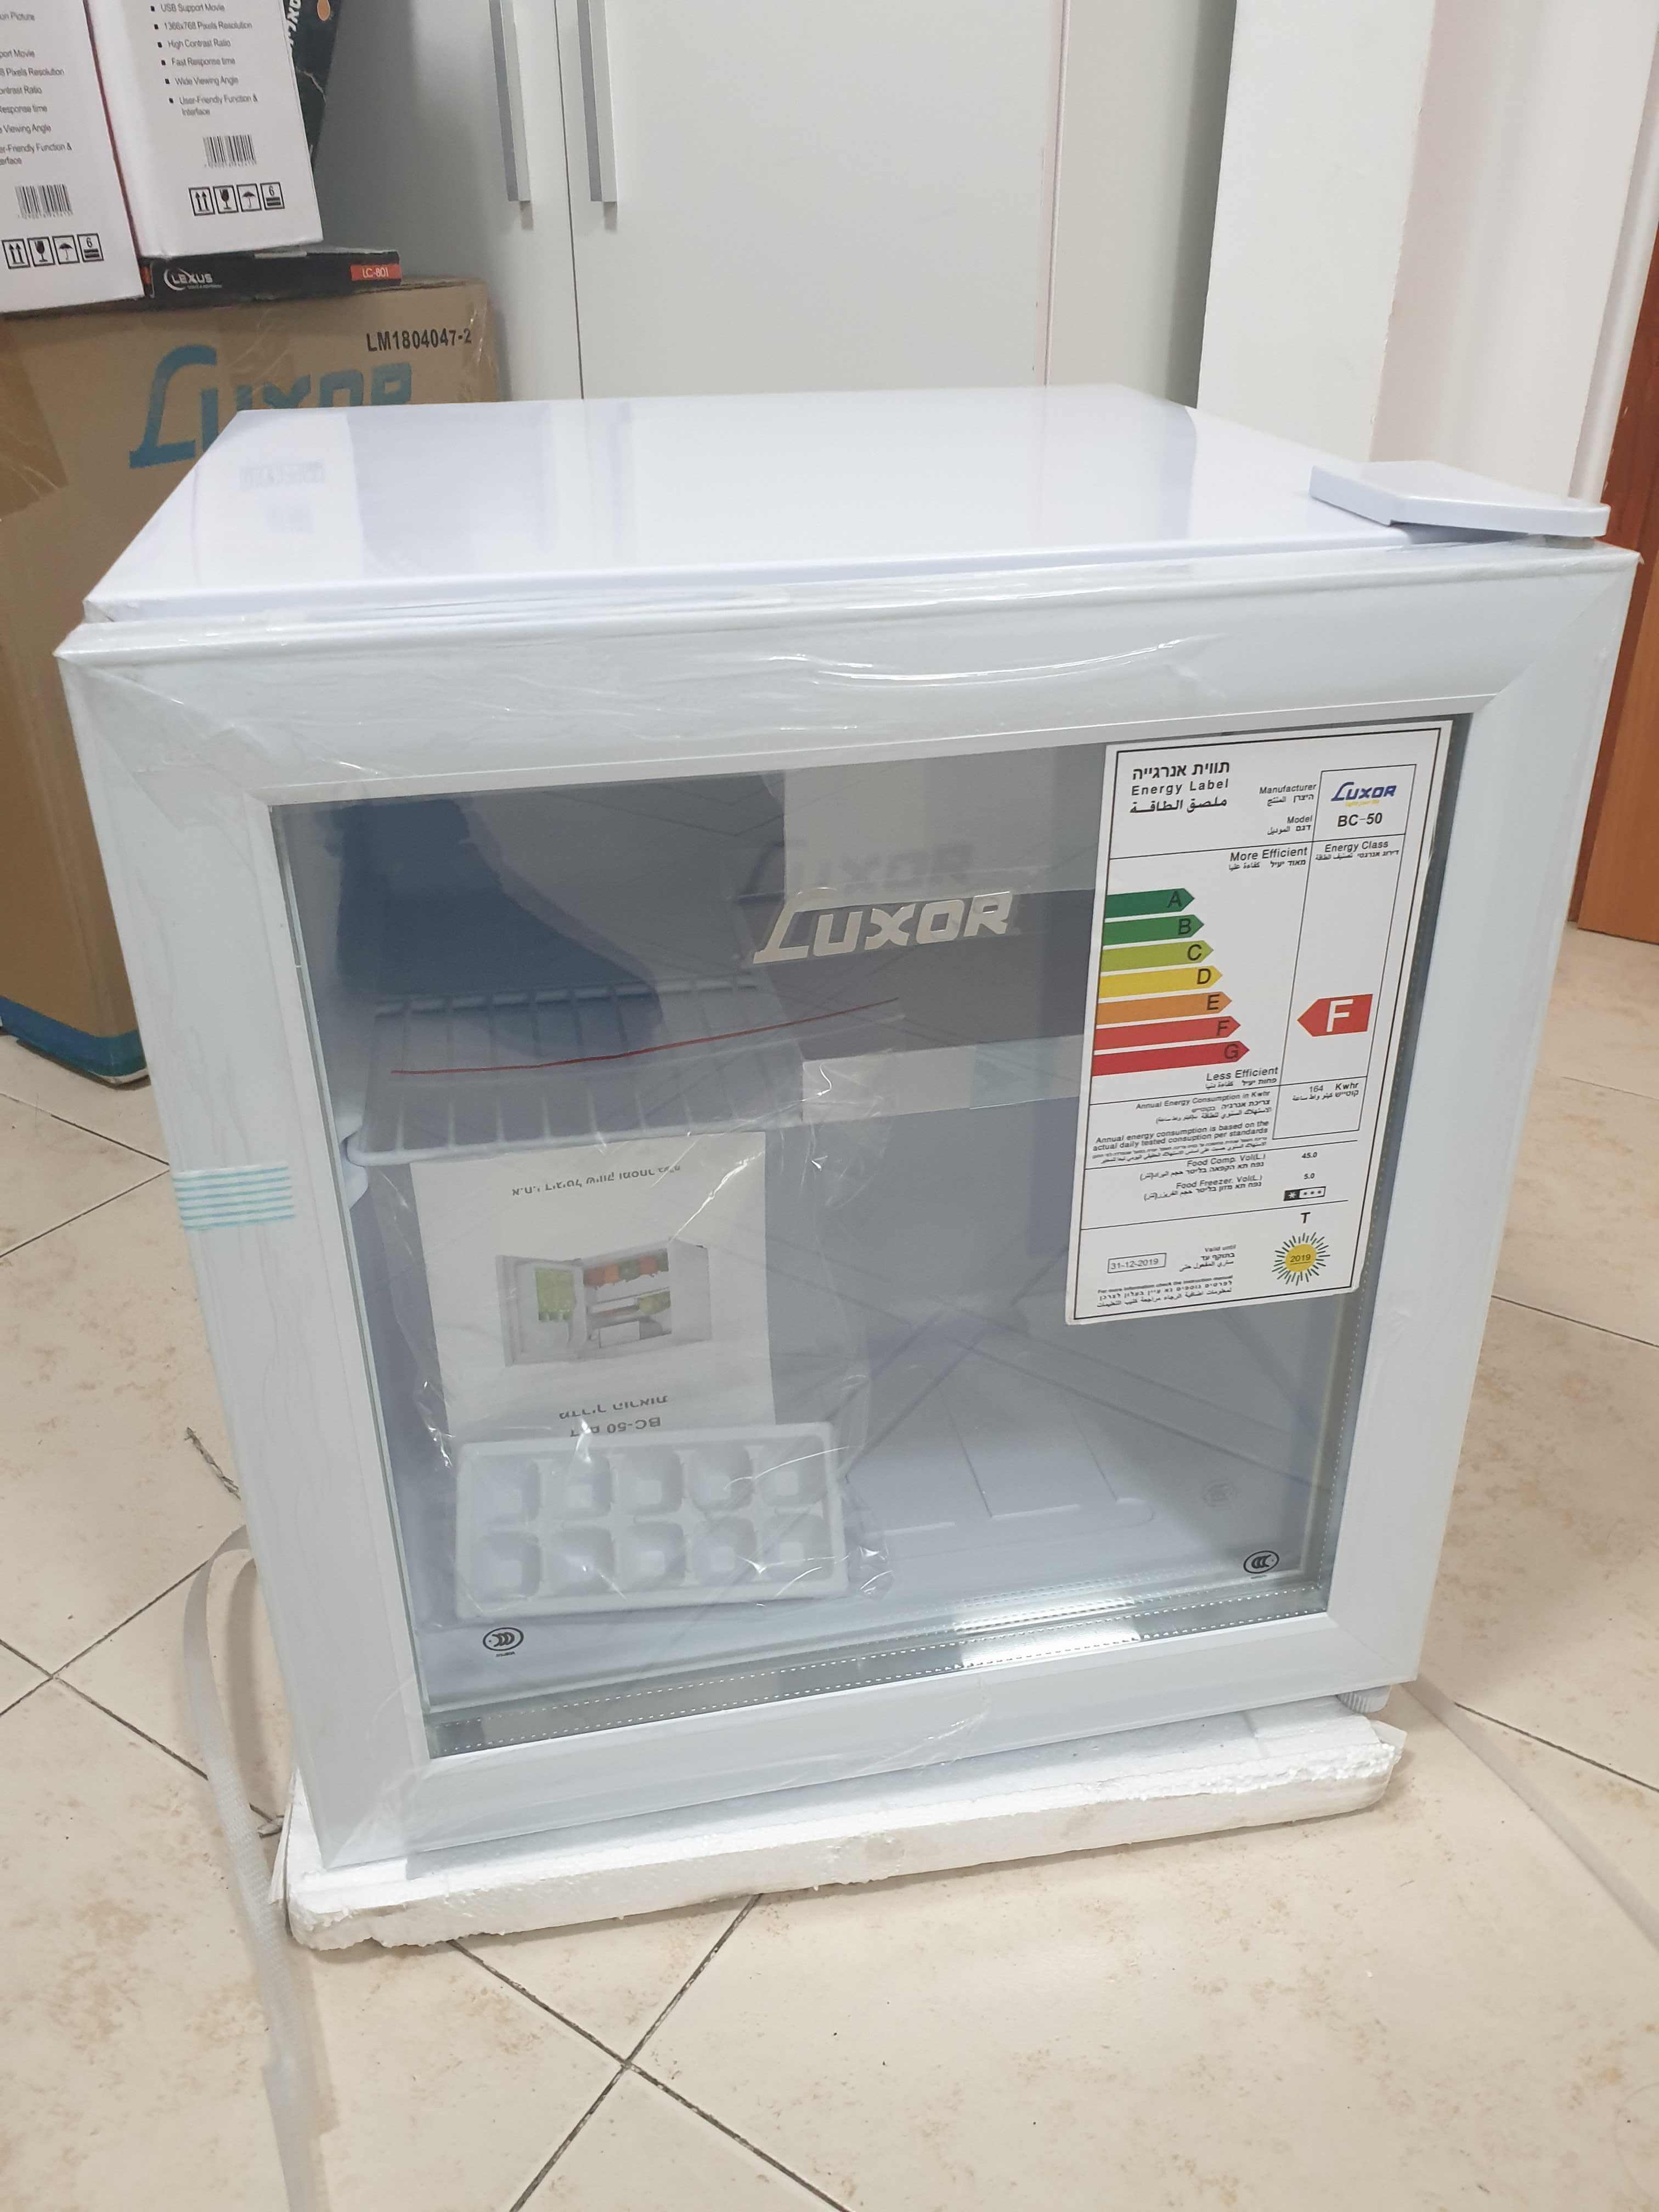 מקרר משרדי 50 ליטר יוקרתי עם חזית שקופה מבית LUXOR/SERVICES צבע לבן